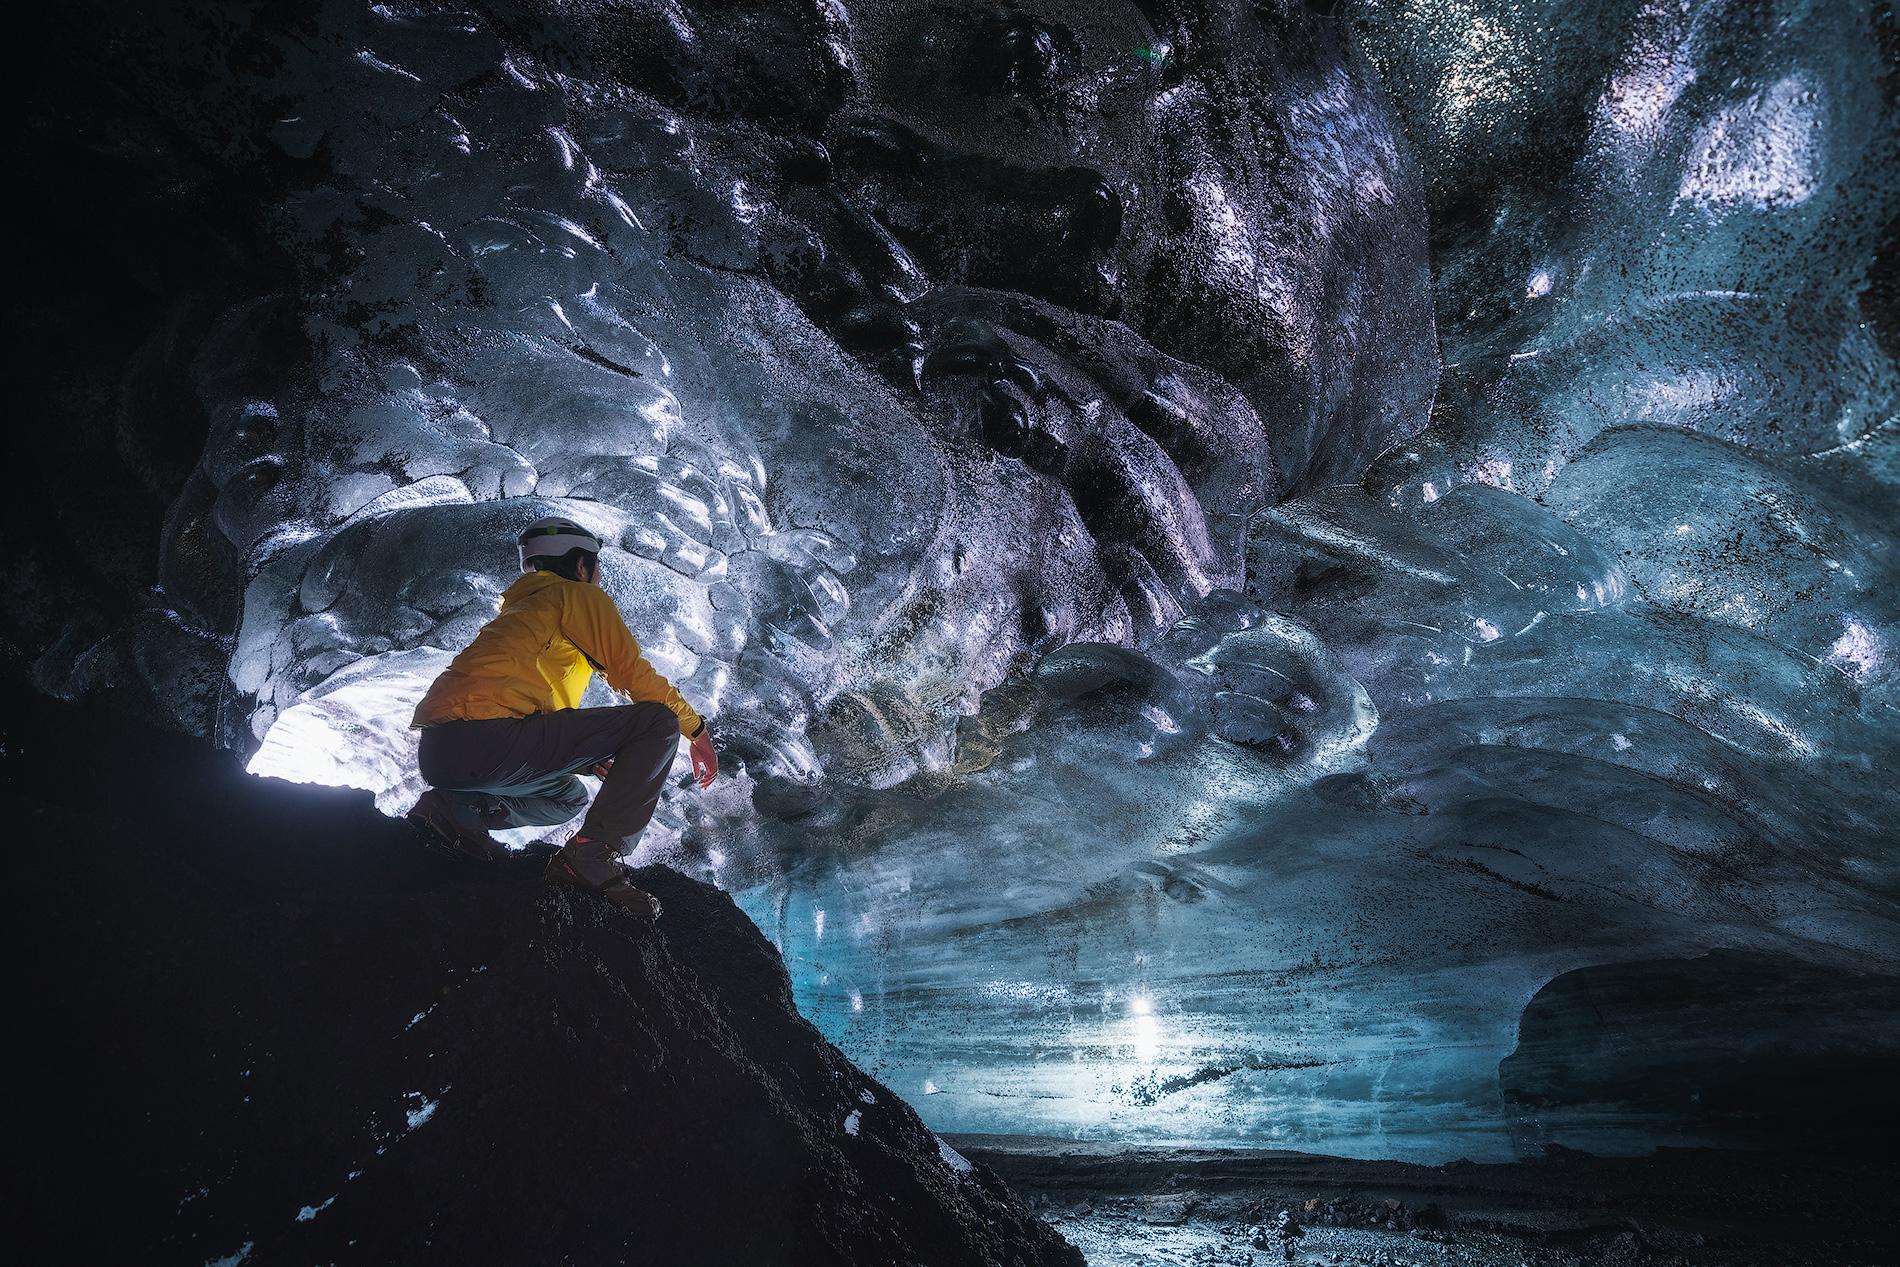 Obserwowanie wnętrza jaskini lodowej jest nieziemską i jedyną w swoim rodzaju okazją.